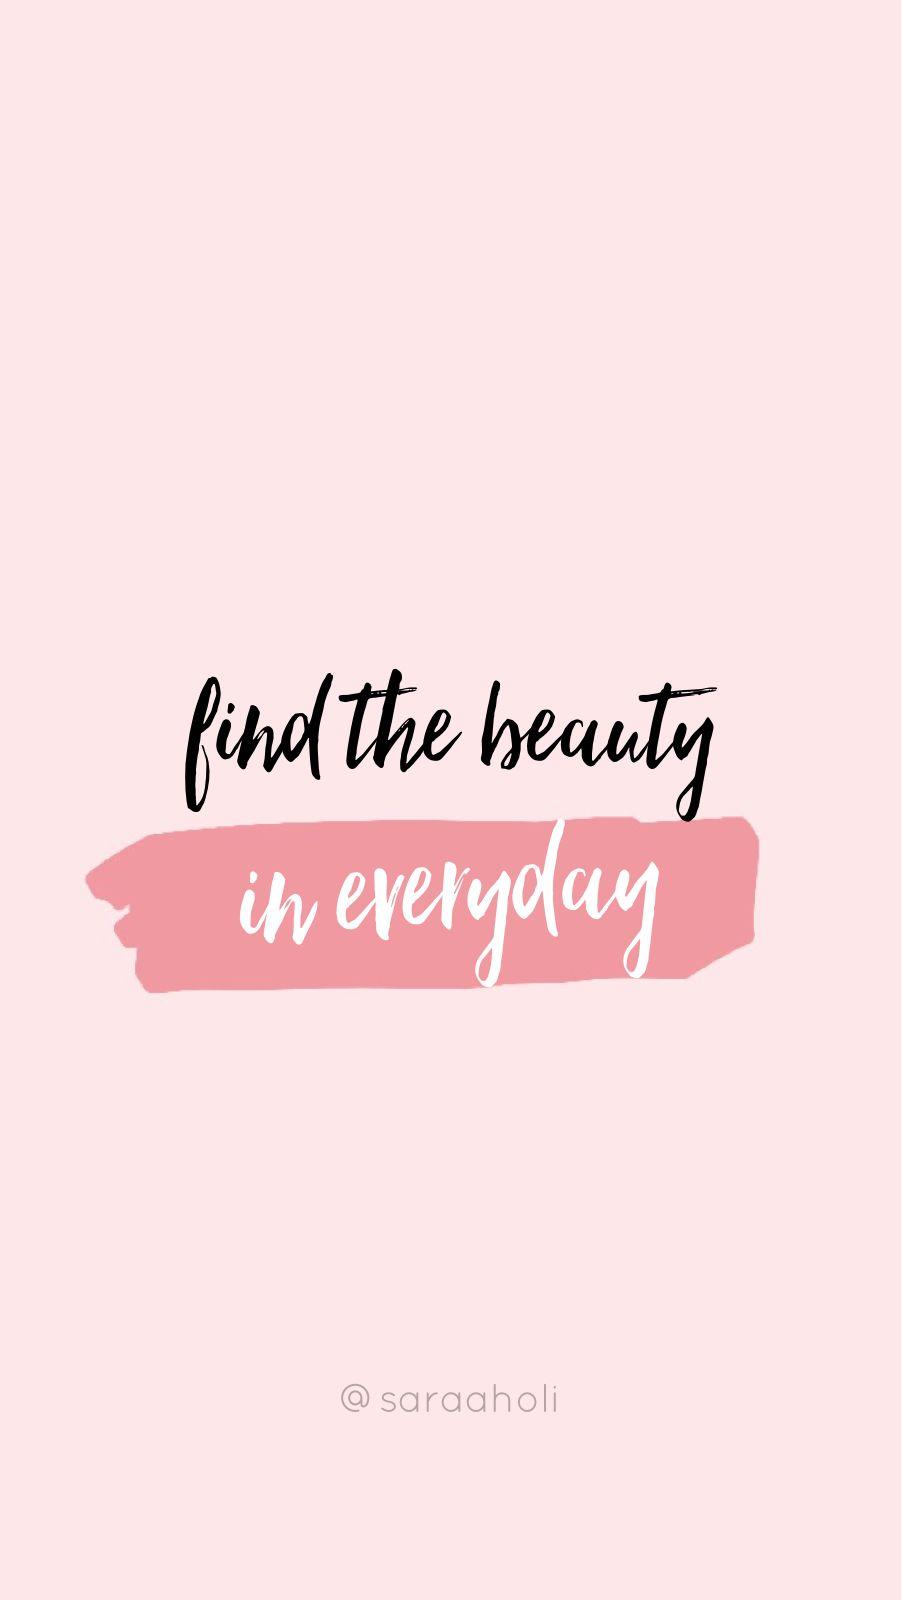 Encontre A Beleza Em Todos Os Dias Wallpaper Quotes Words Wallpaper Phone Wallpaper Quotes